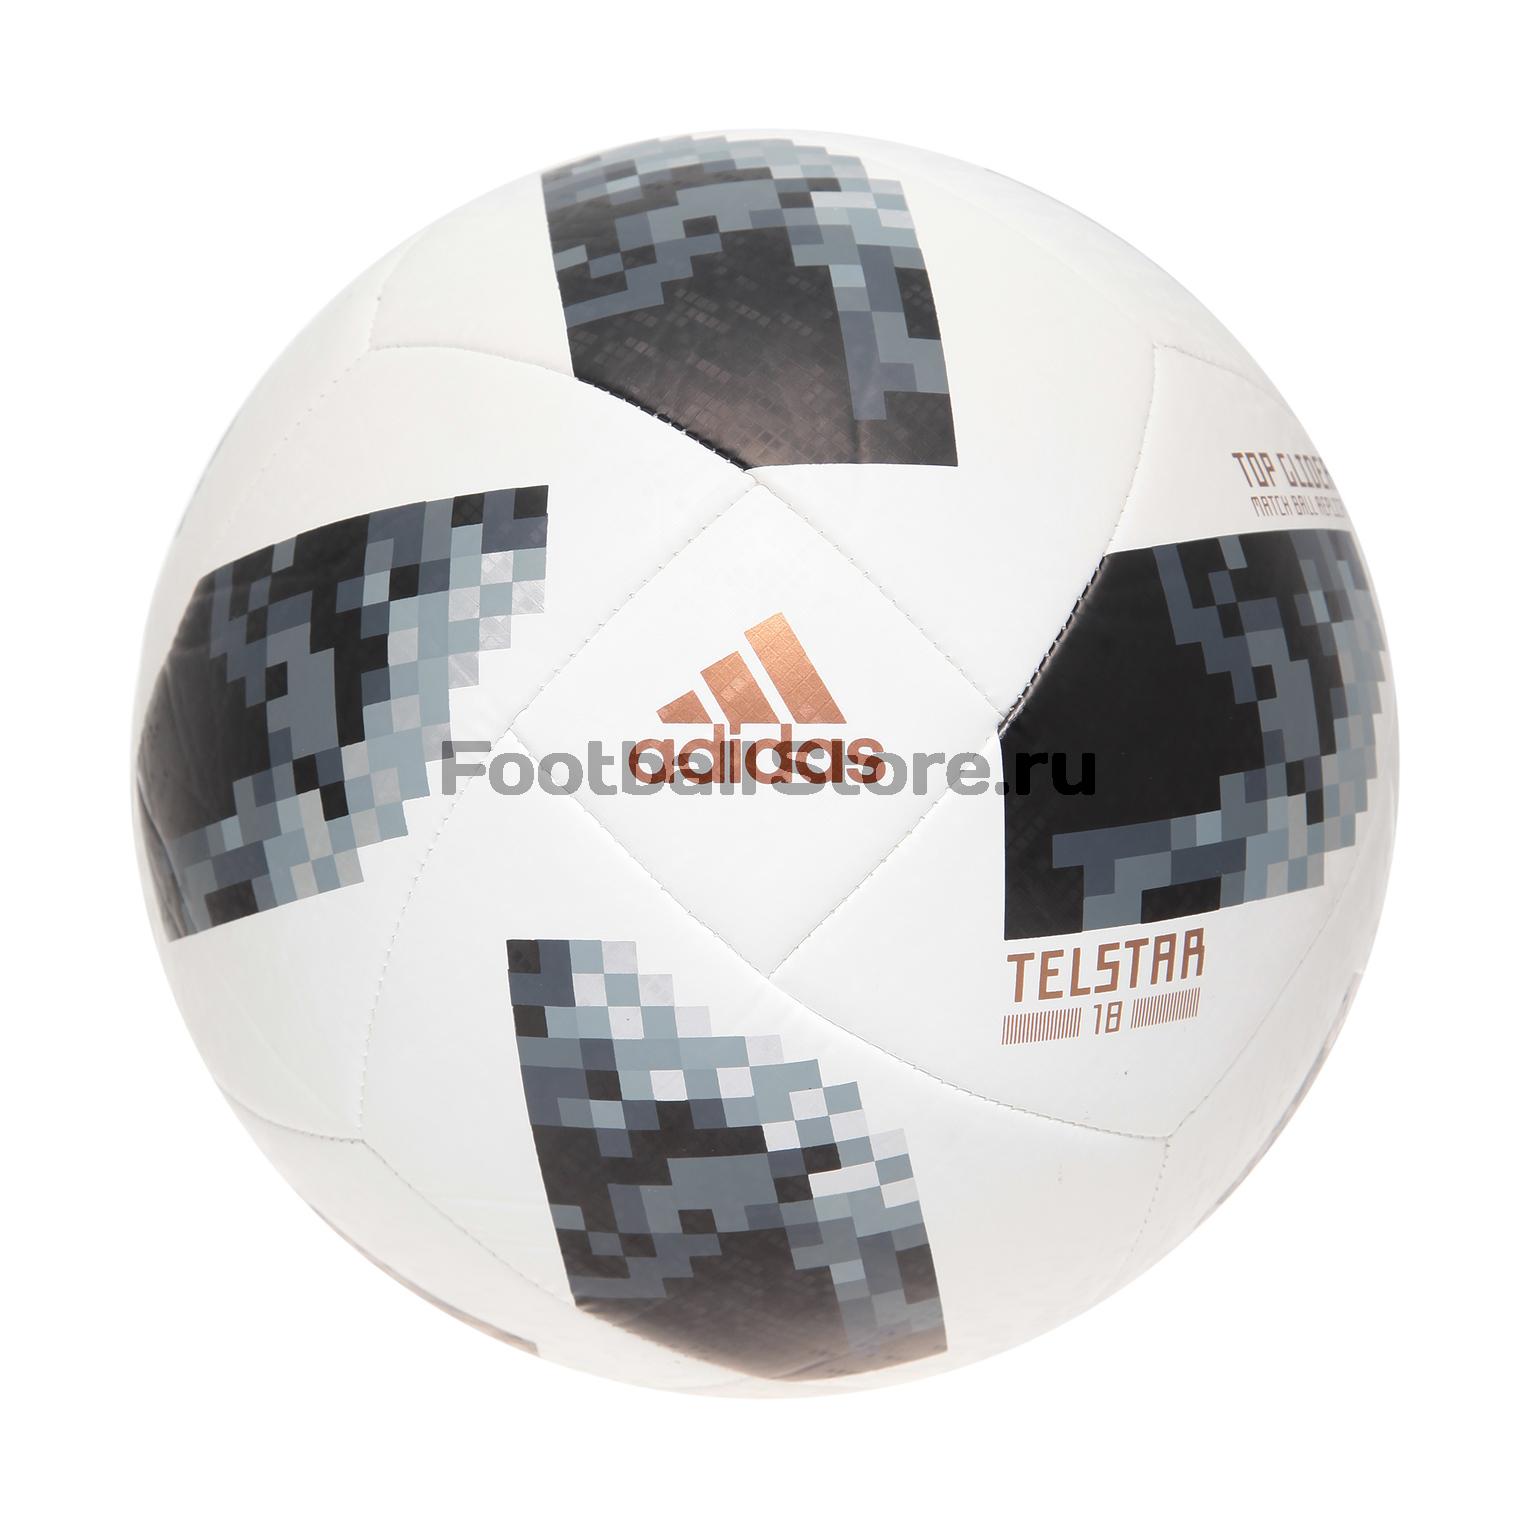 Футбольный мяч Adidas Telstar Top Glider ЧМ-2018 CE8096 мяч футбольный р 5 adidas telstar winter omb ce8084